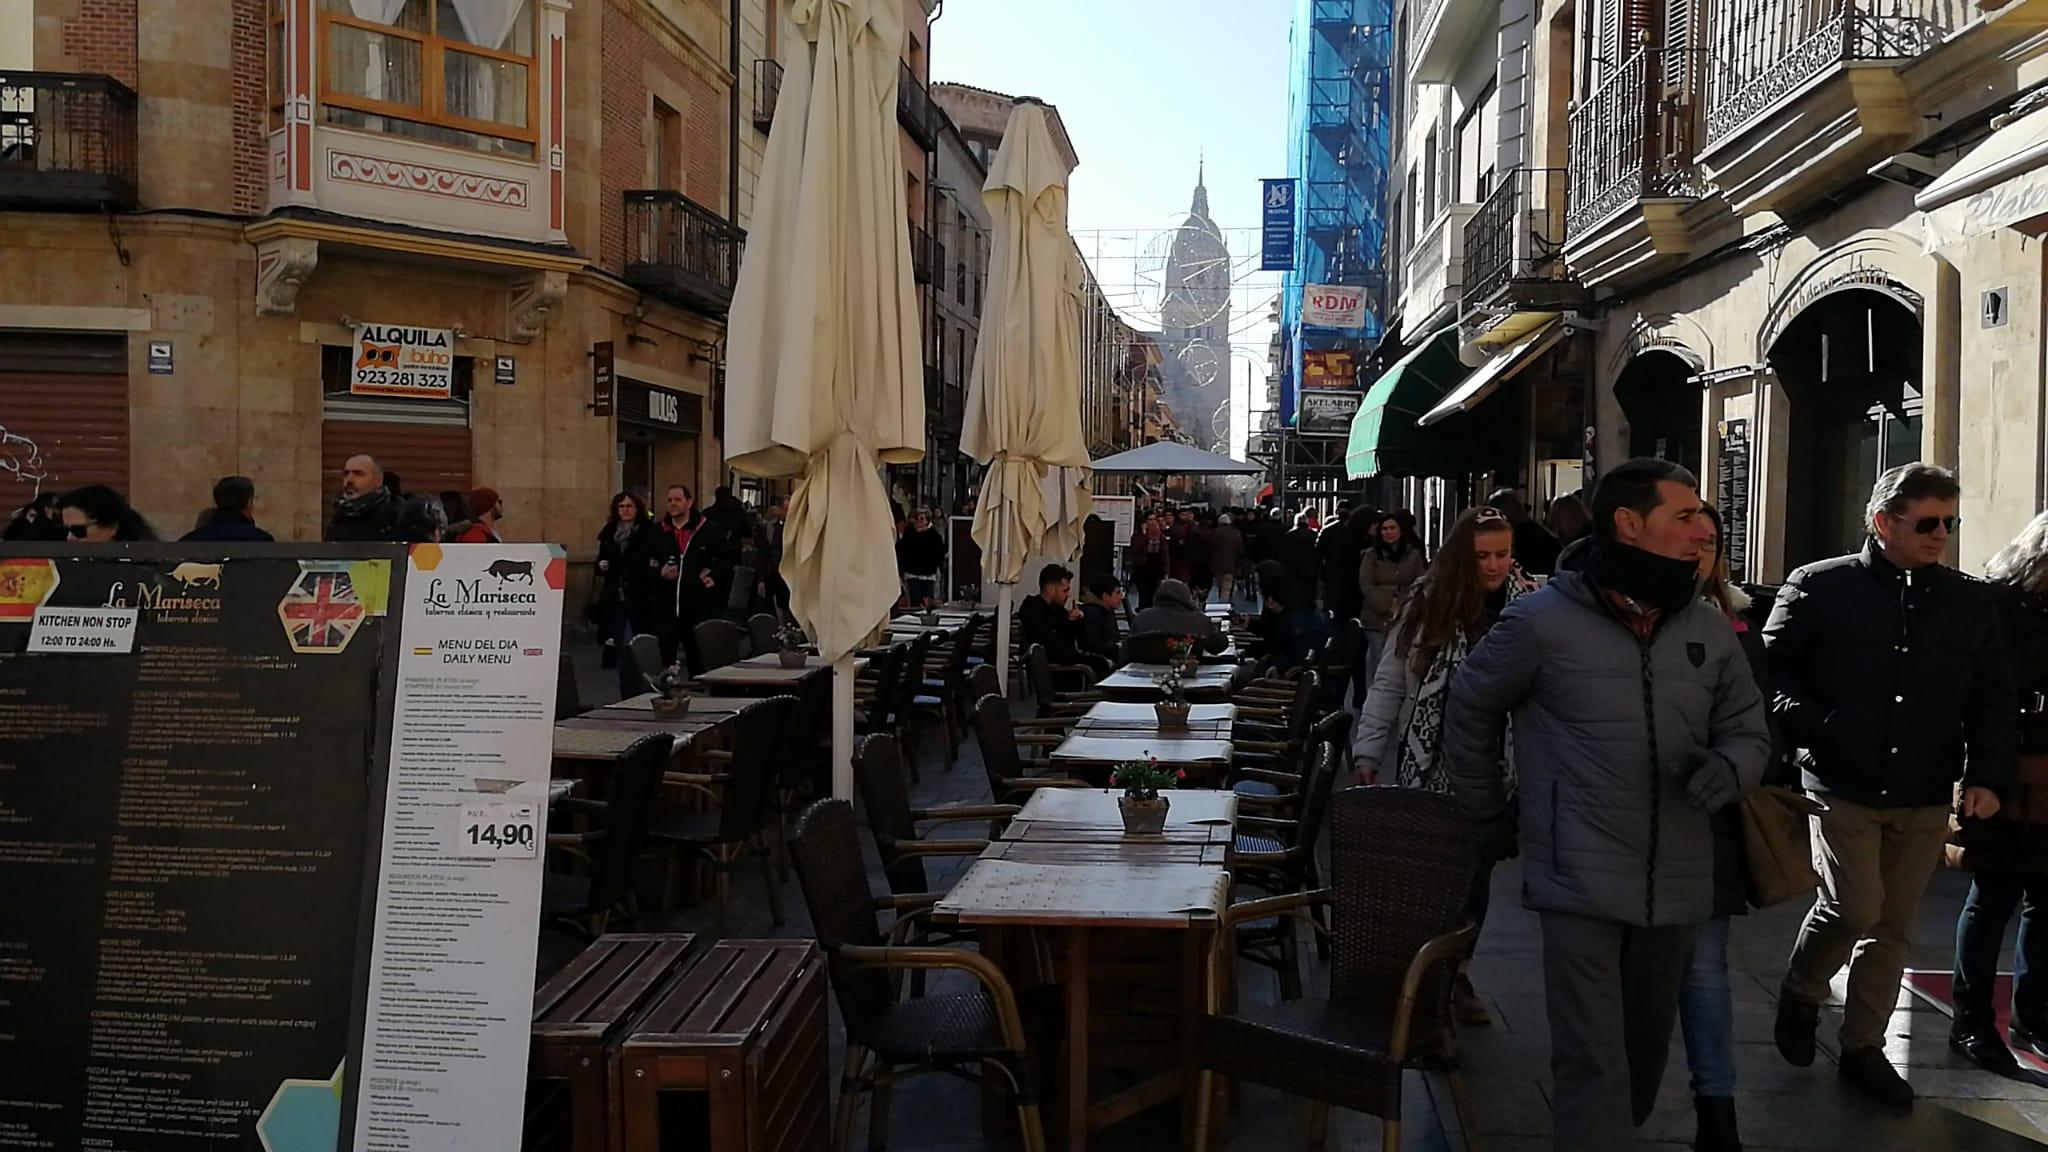 Los caminantes en fila y las terrazas vacías en la Rúa.